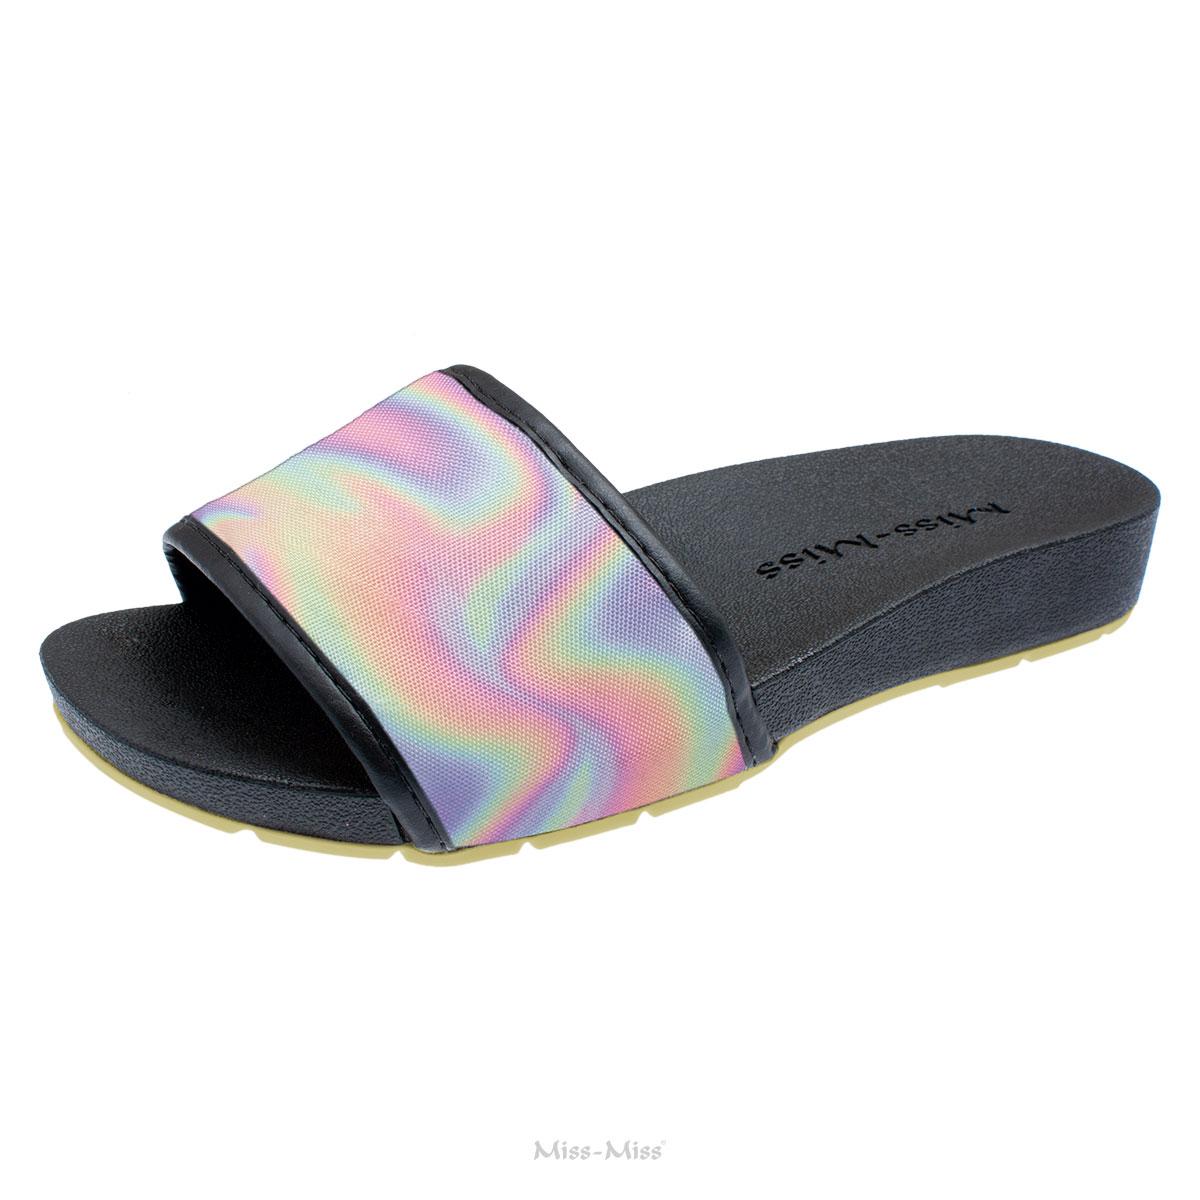 Chinelo Slide Tie Dye Miss-Miss®